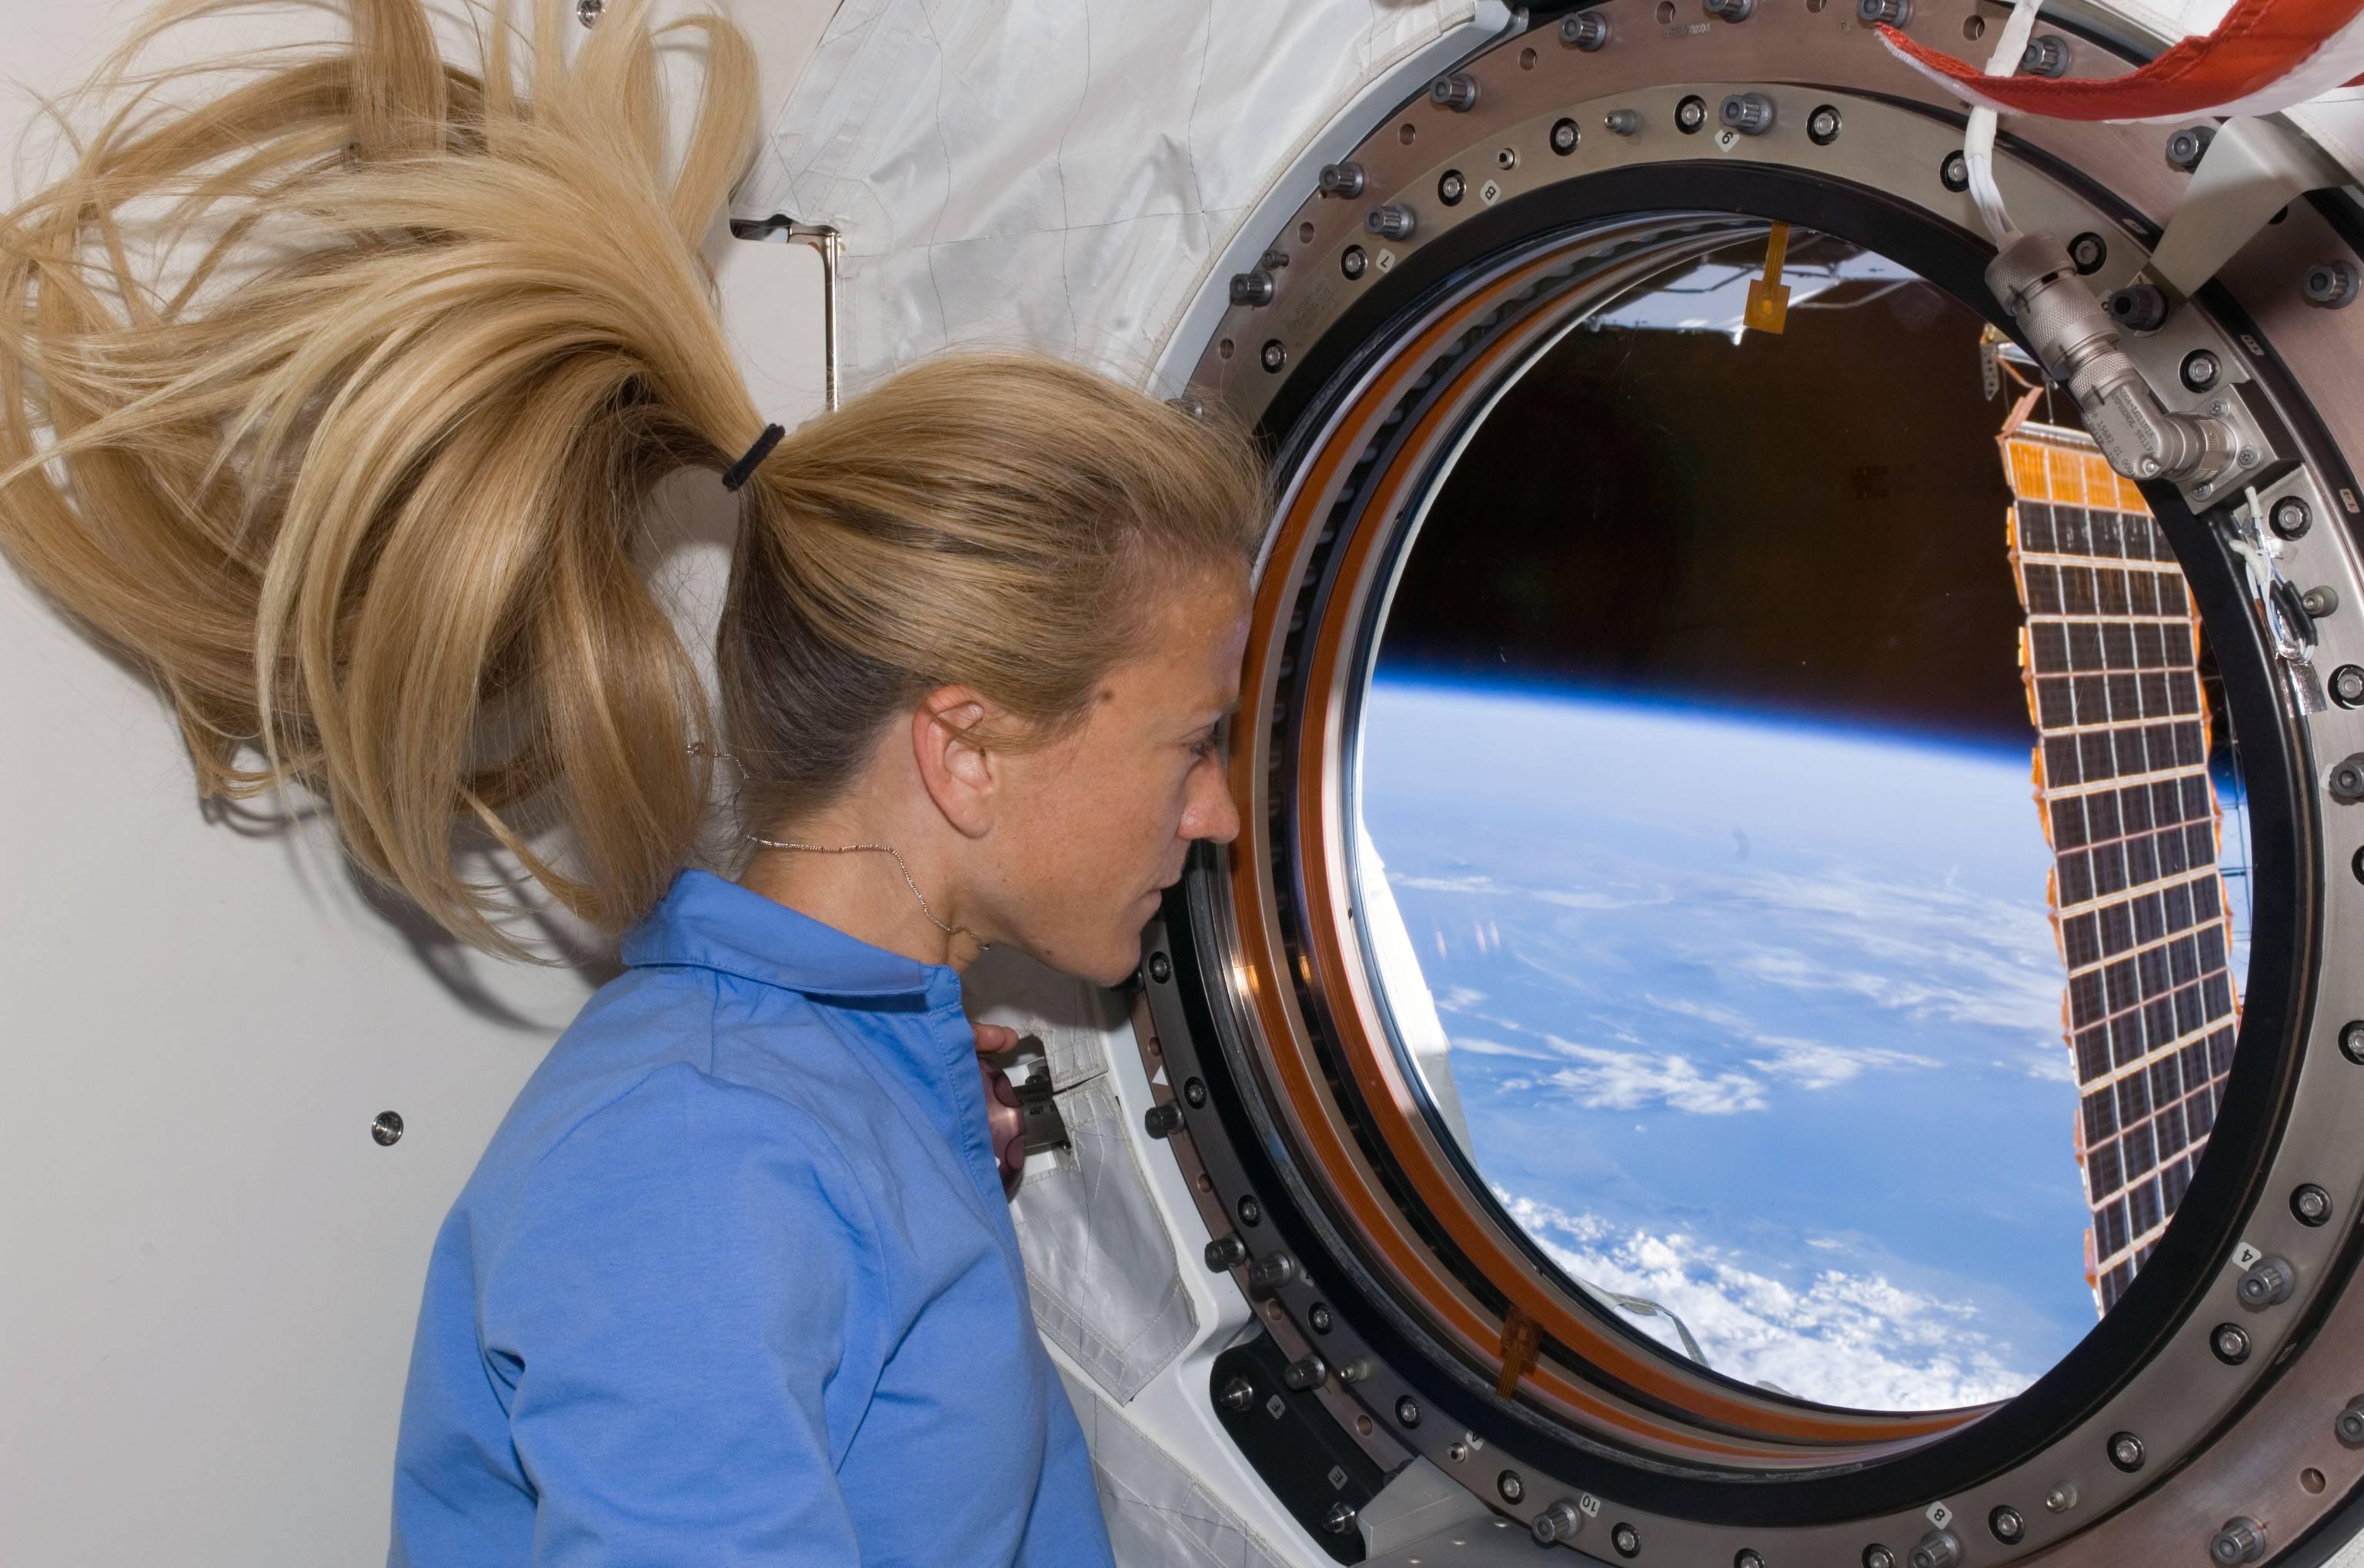 Прикольные картинки из космоса, для открытки февраля